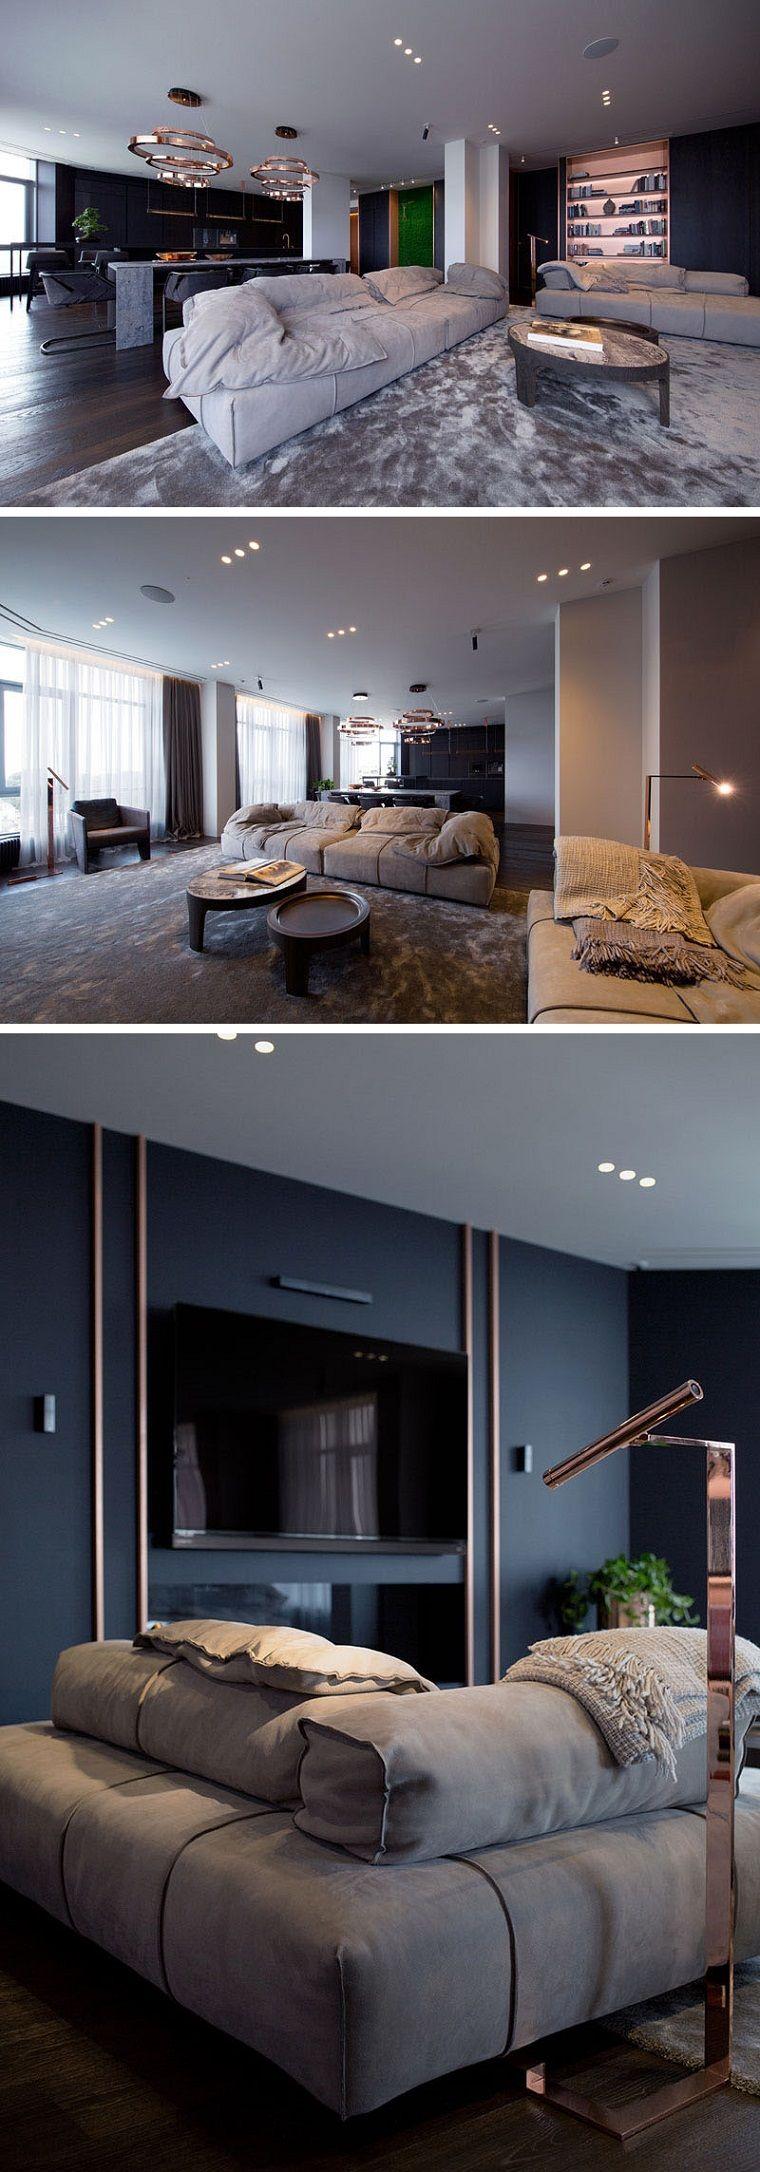 Pin By David Meneces On Tv Moderno: Diseño De Interior Con Acentos De Cobre